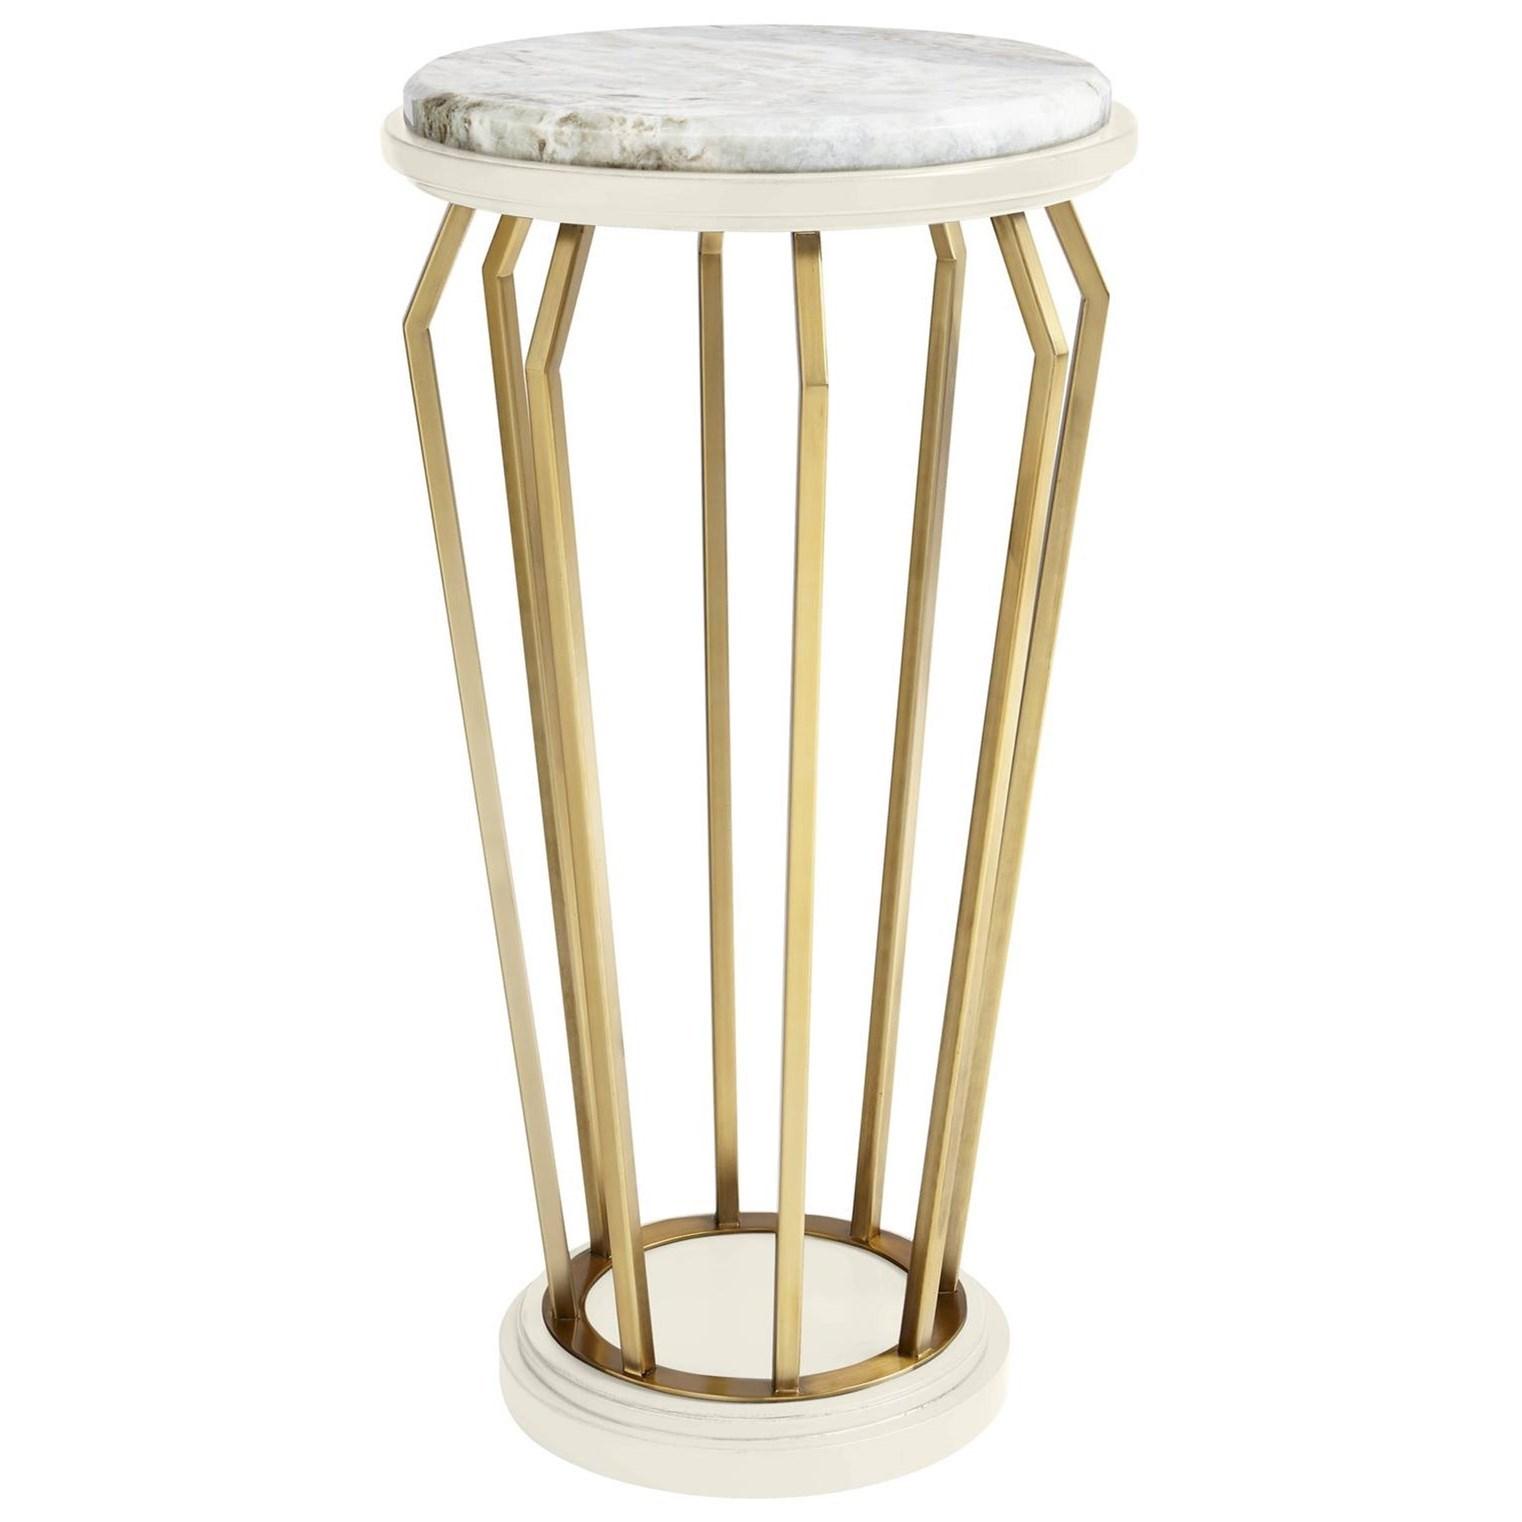 Stanley Furniture Coastal Living Oasis Manzanita Martini Table w/ Granite Top - Item Number: 527-25-16+75-116